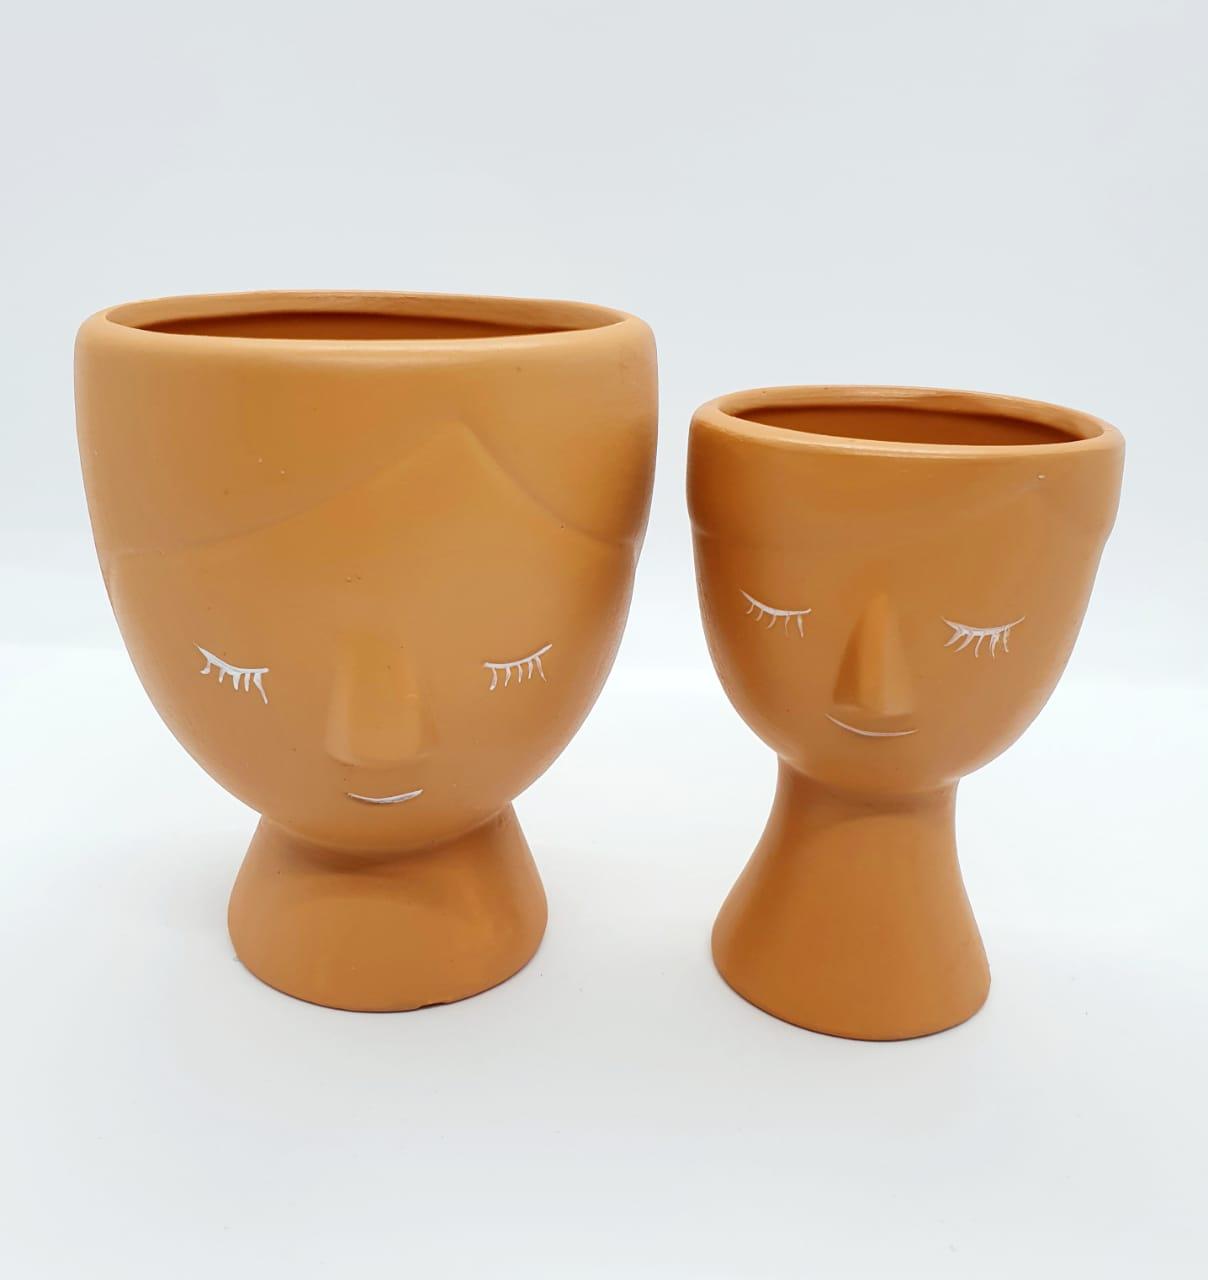 Par de cachepôs em cerâmica argila médio e pequeno